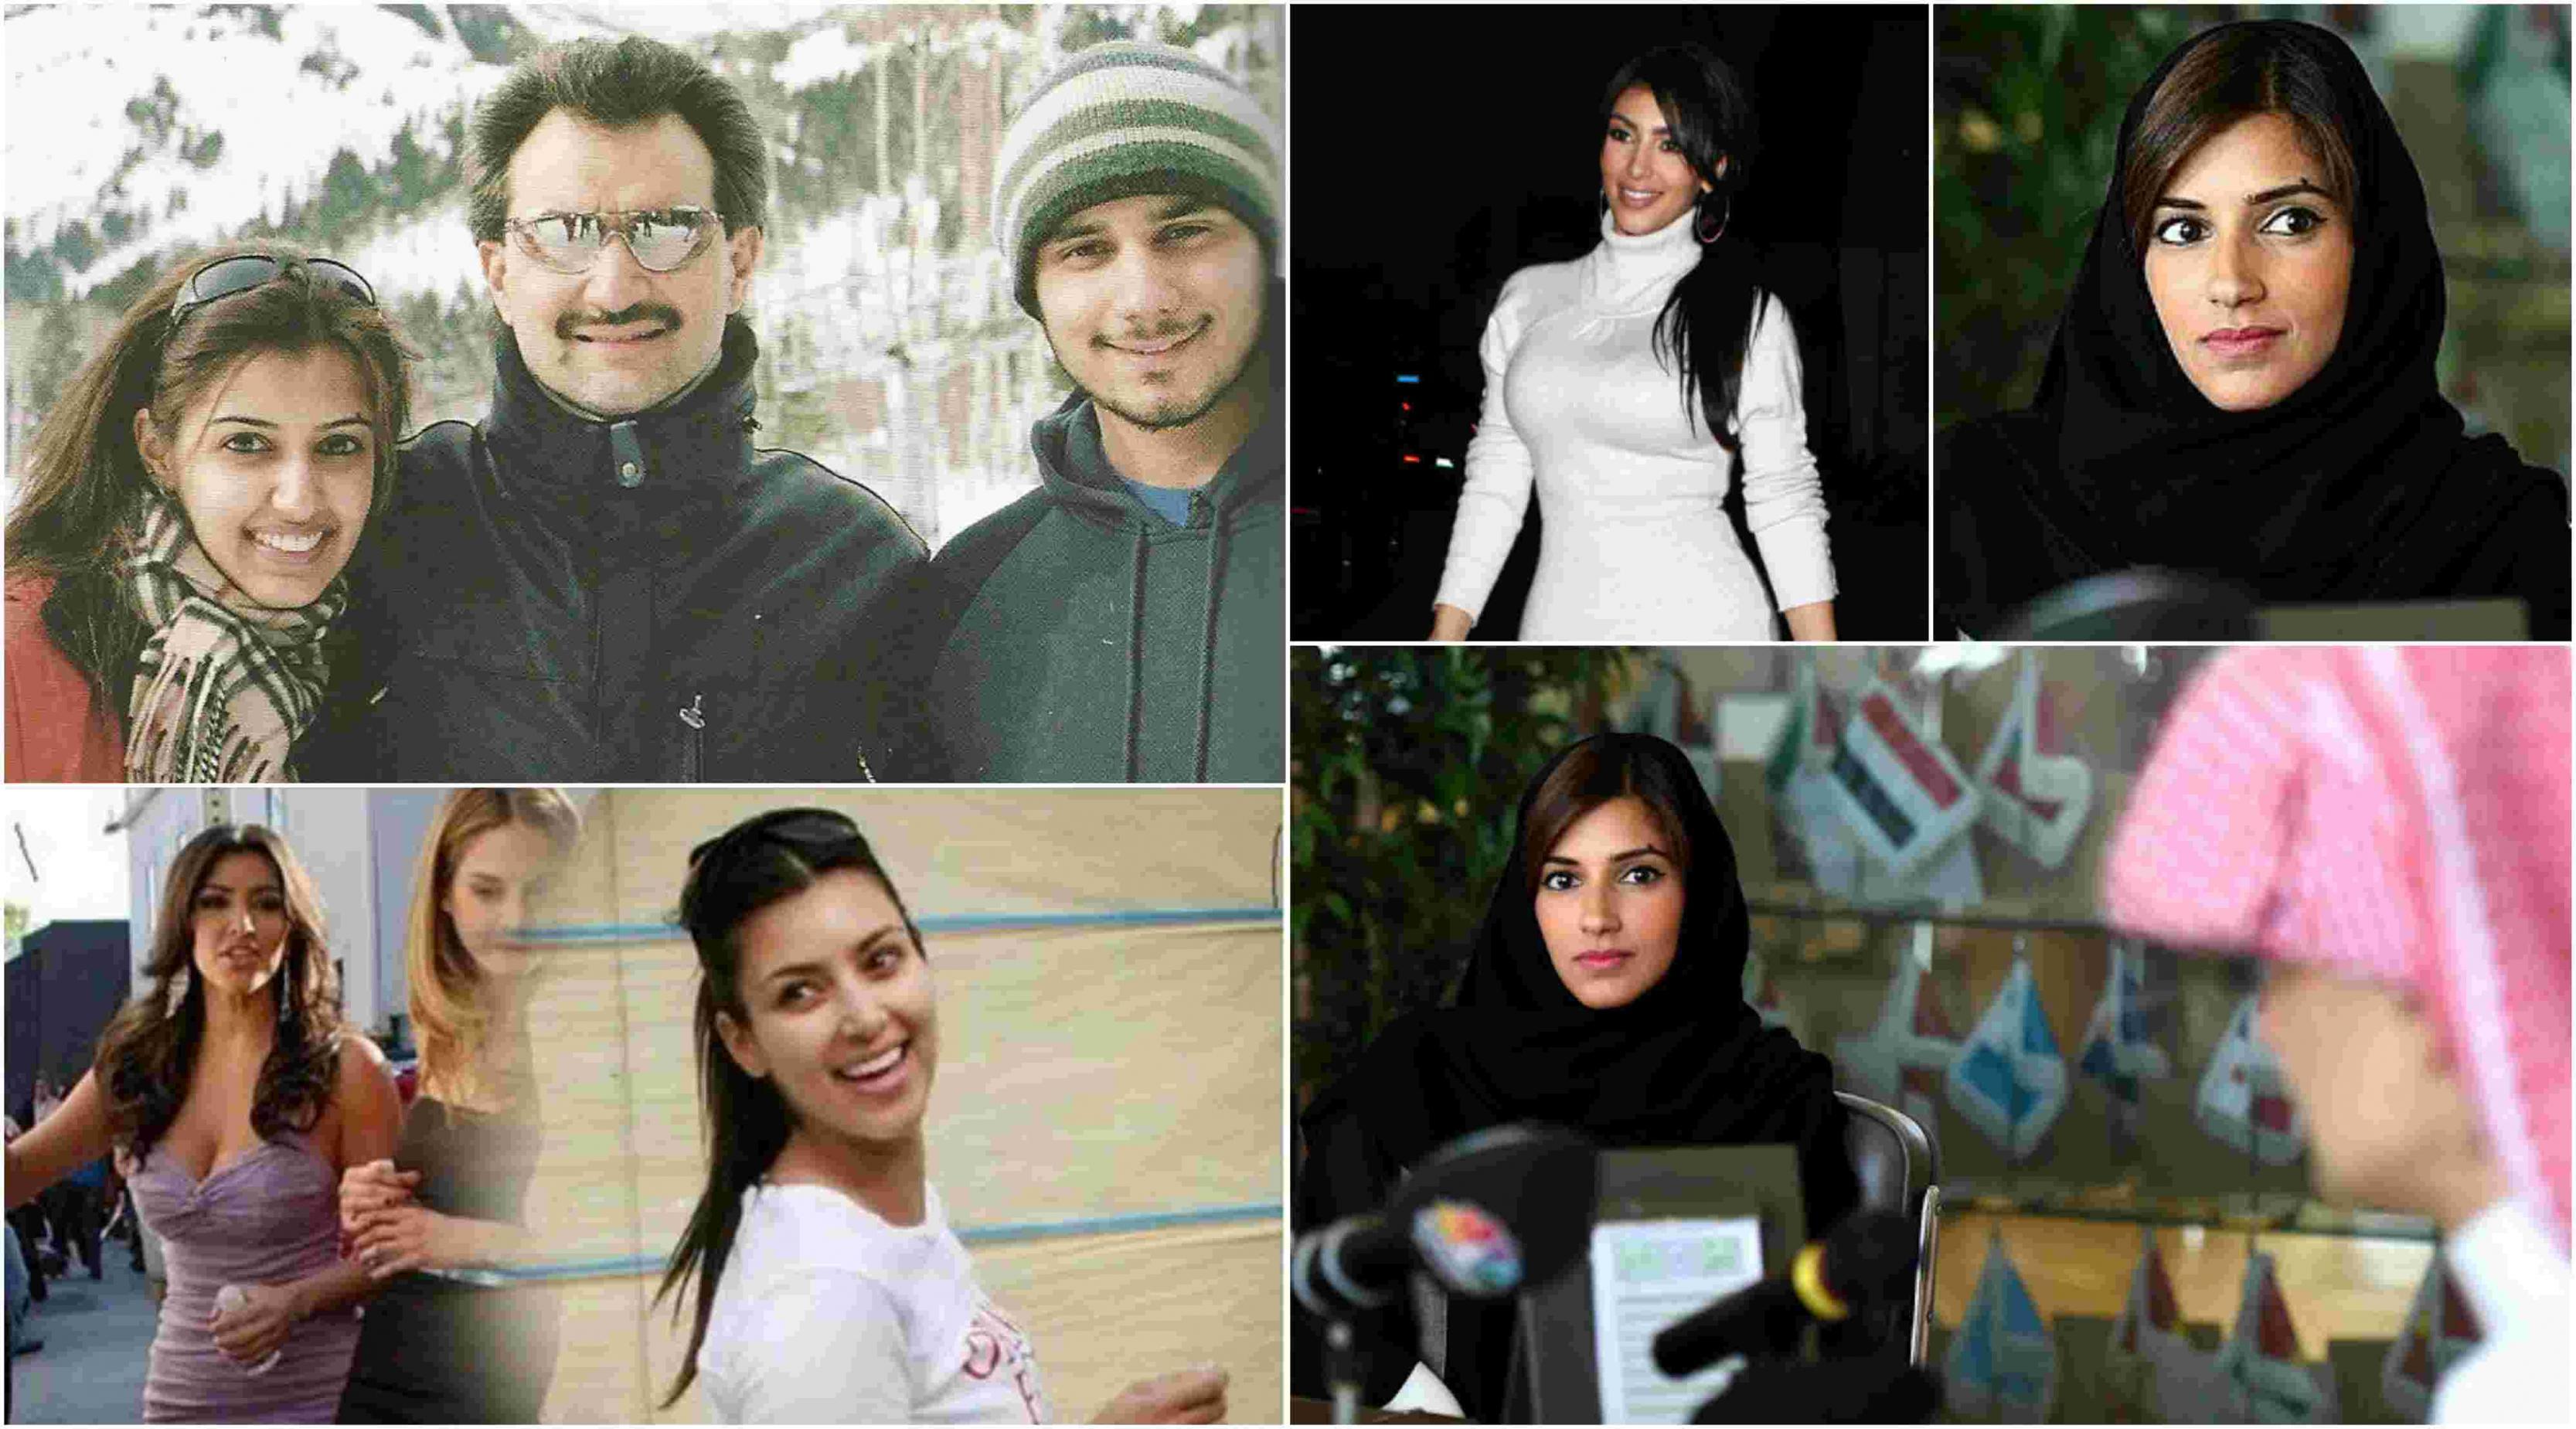 بالصور ريم بنت الوليد بن طلال , اروع الصور لريم بنت الوليد بن طلال 2428 7